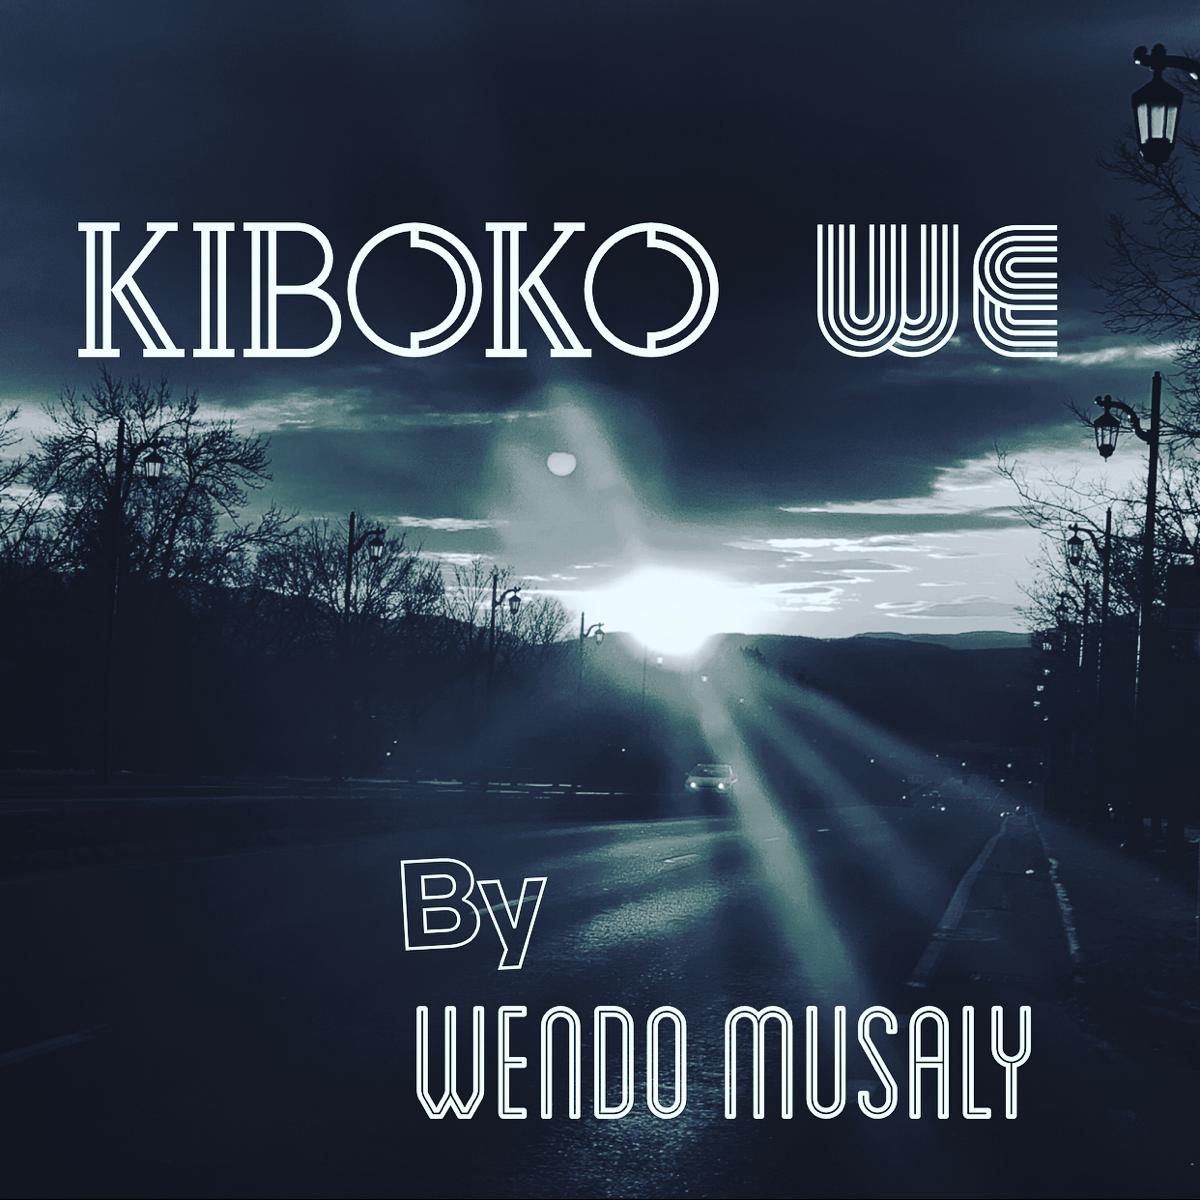 Kiboko WE